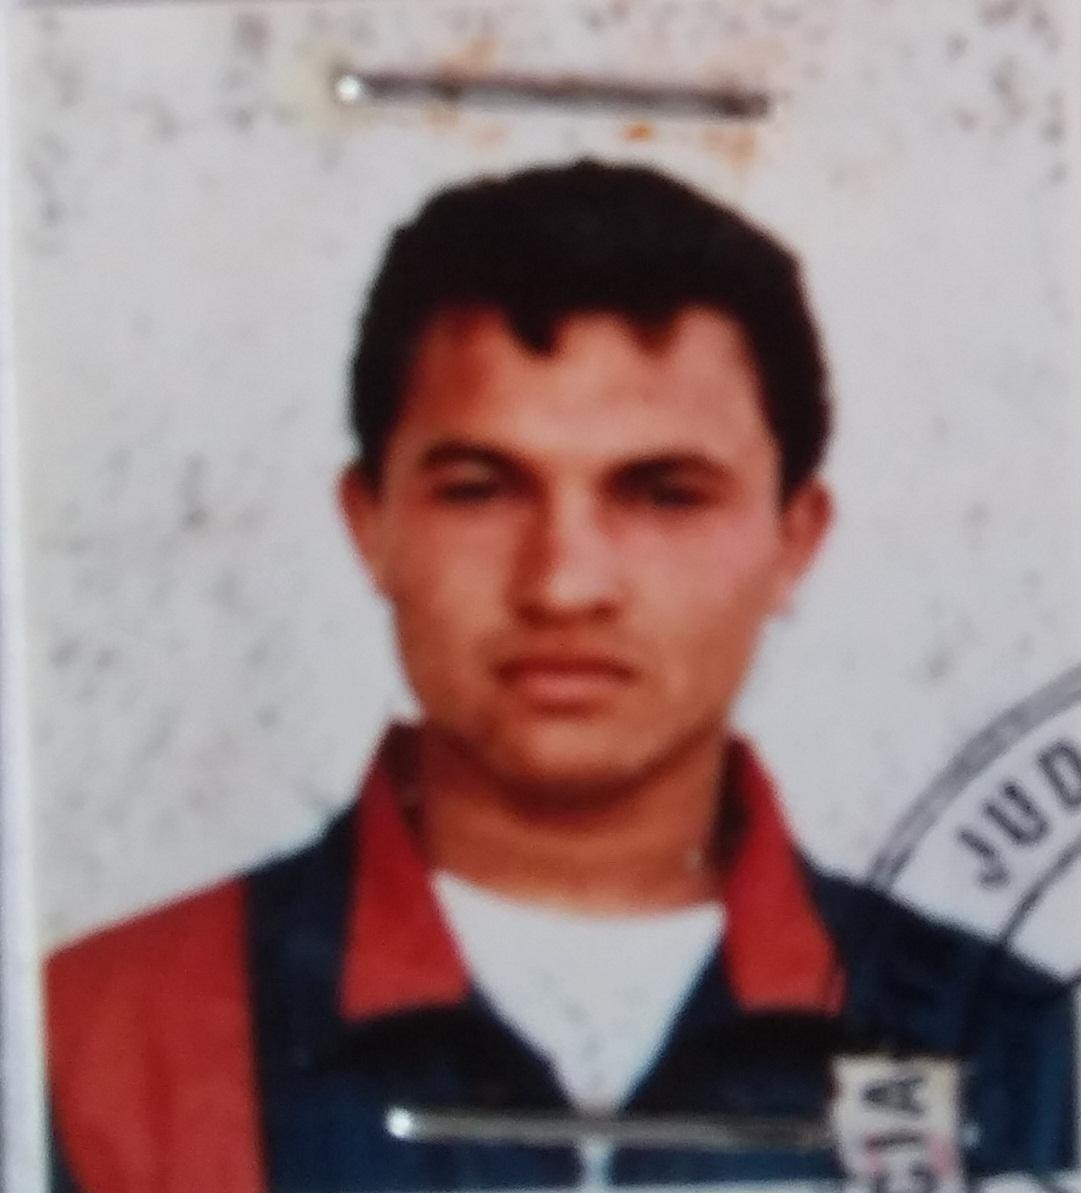 Feraru Serban